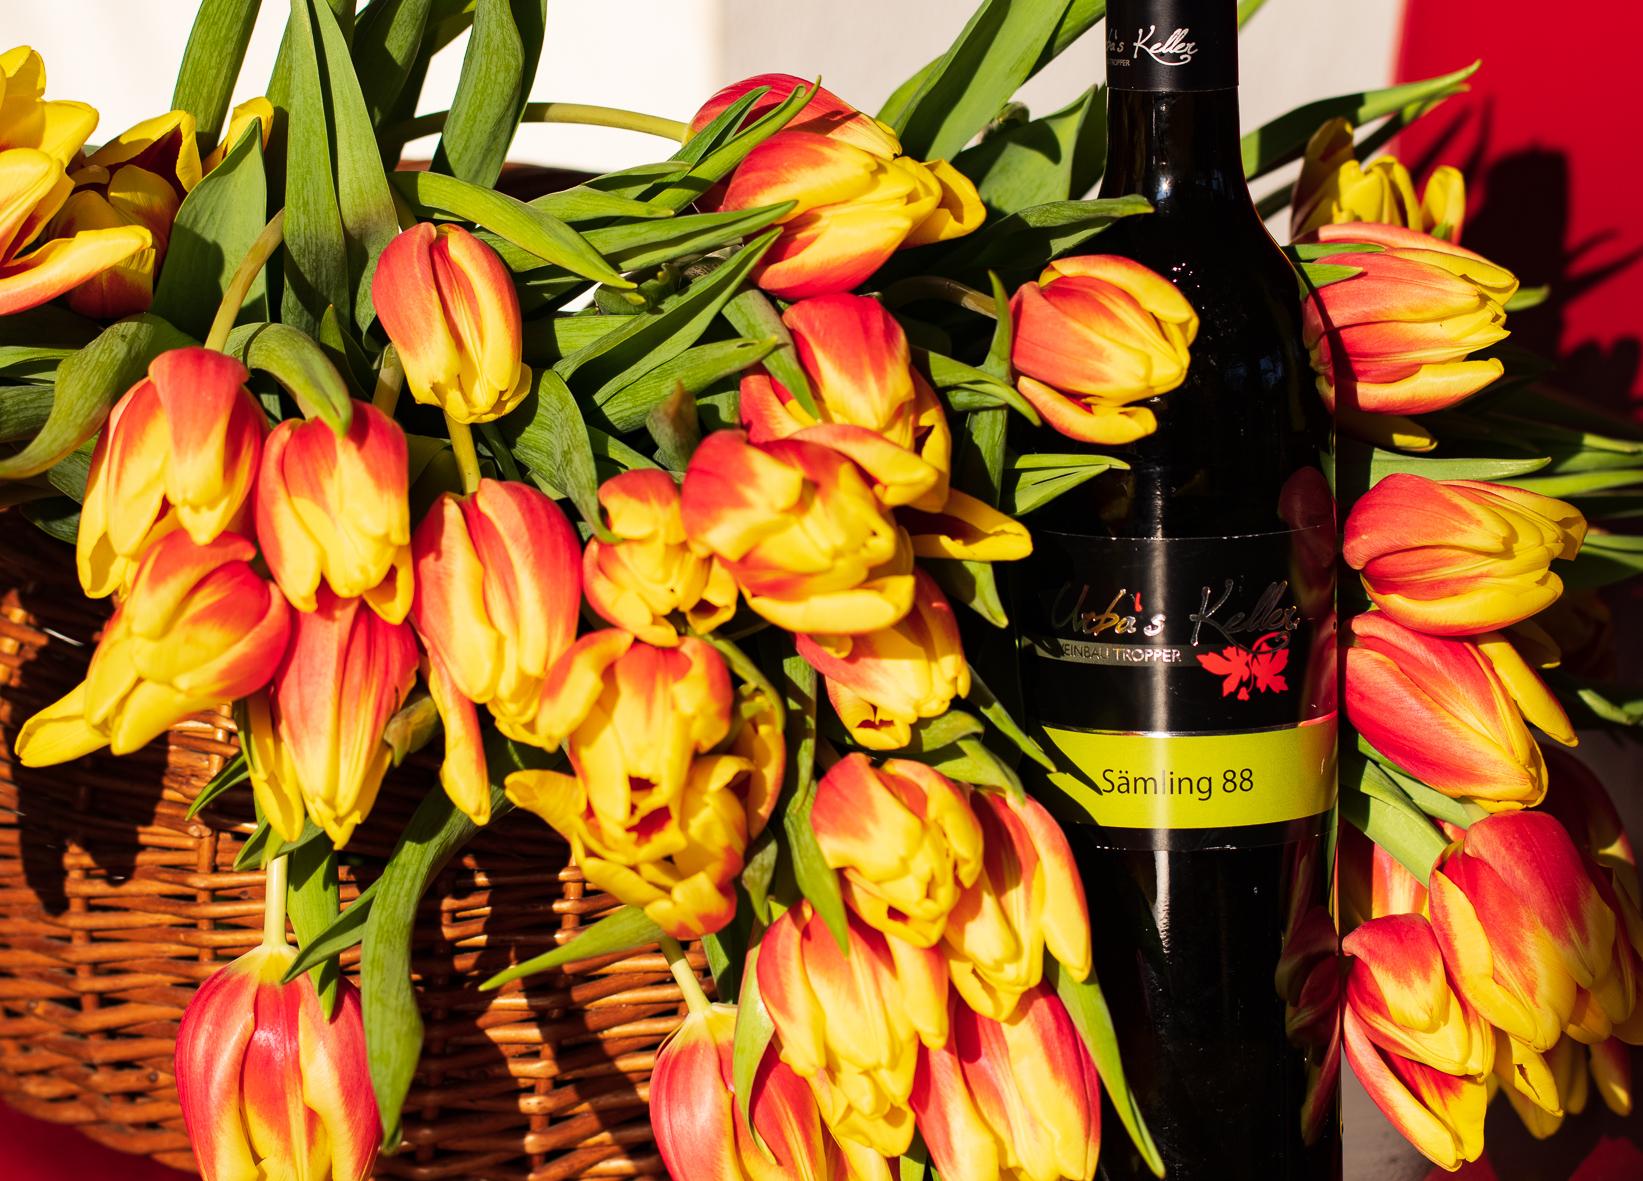 A g'miatliches Glaserl Wein, dass is Leben!